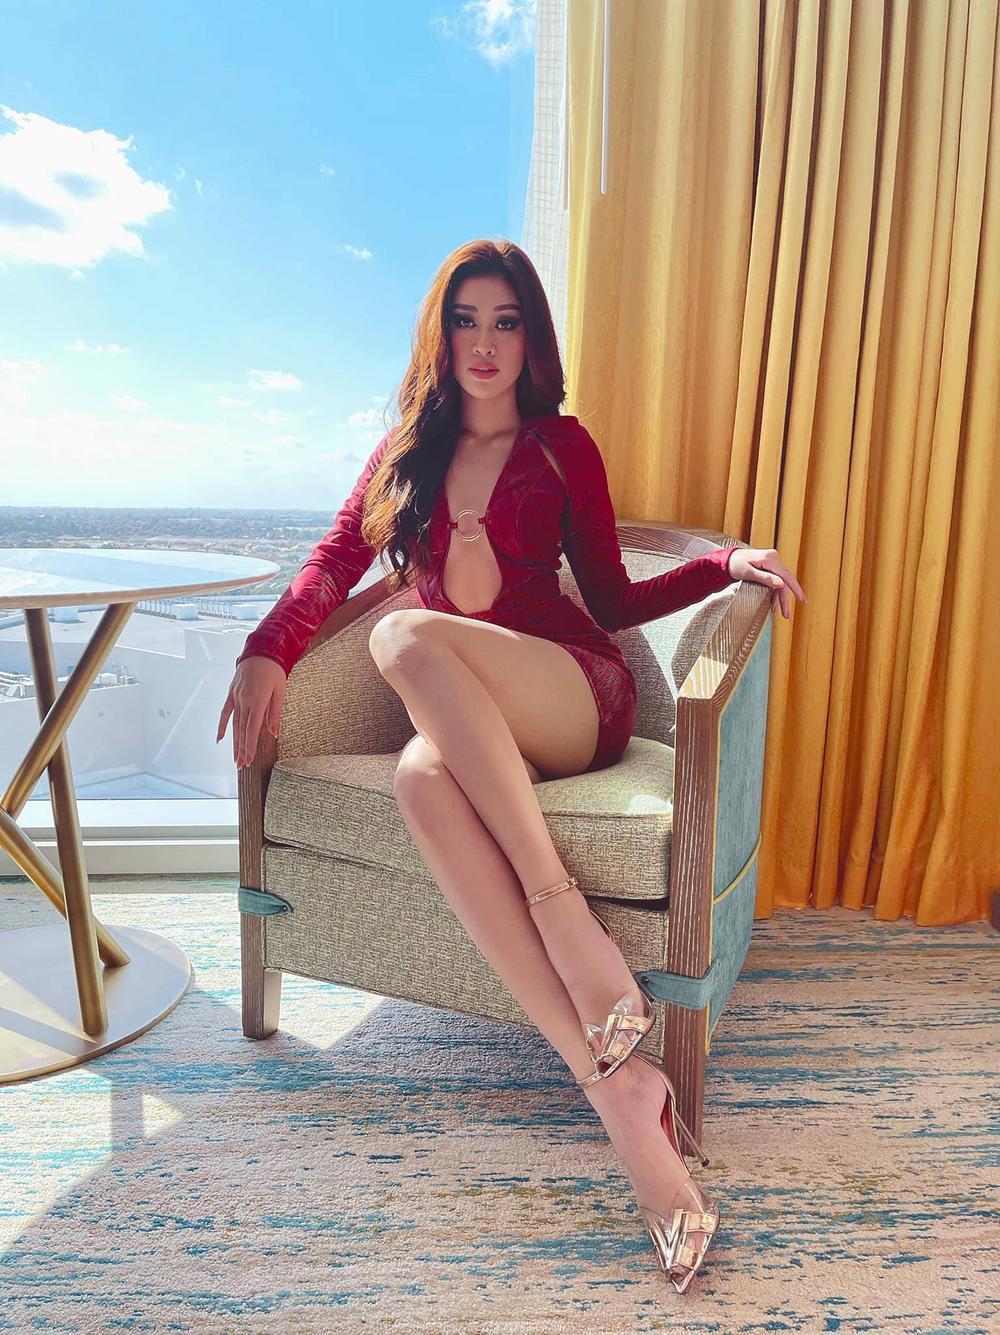 Hoa hậu Khánh Vân gây 'tê liệt' khi liên tục khoe rãnh bụng nét căng và vòng eo nổi múi Ảnh 9